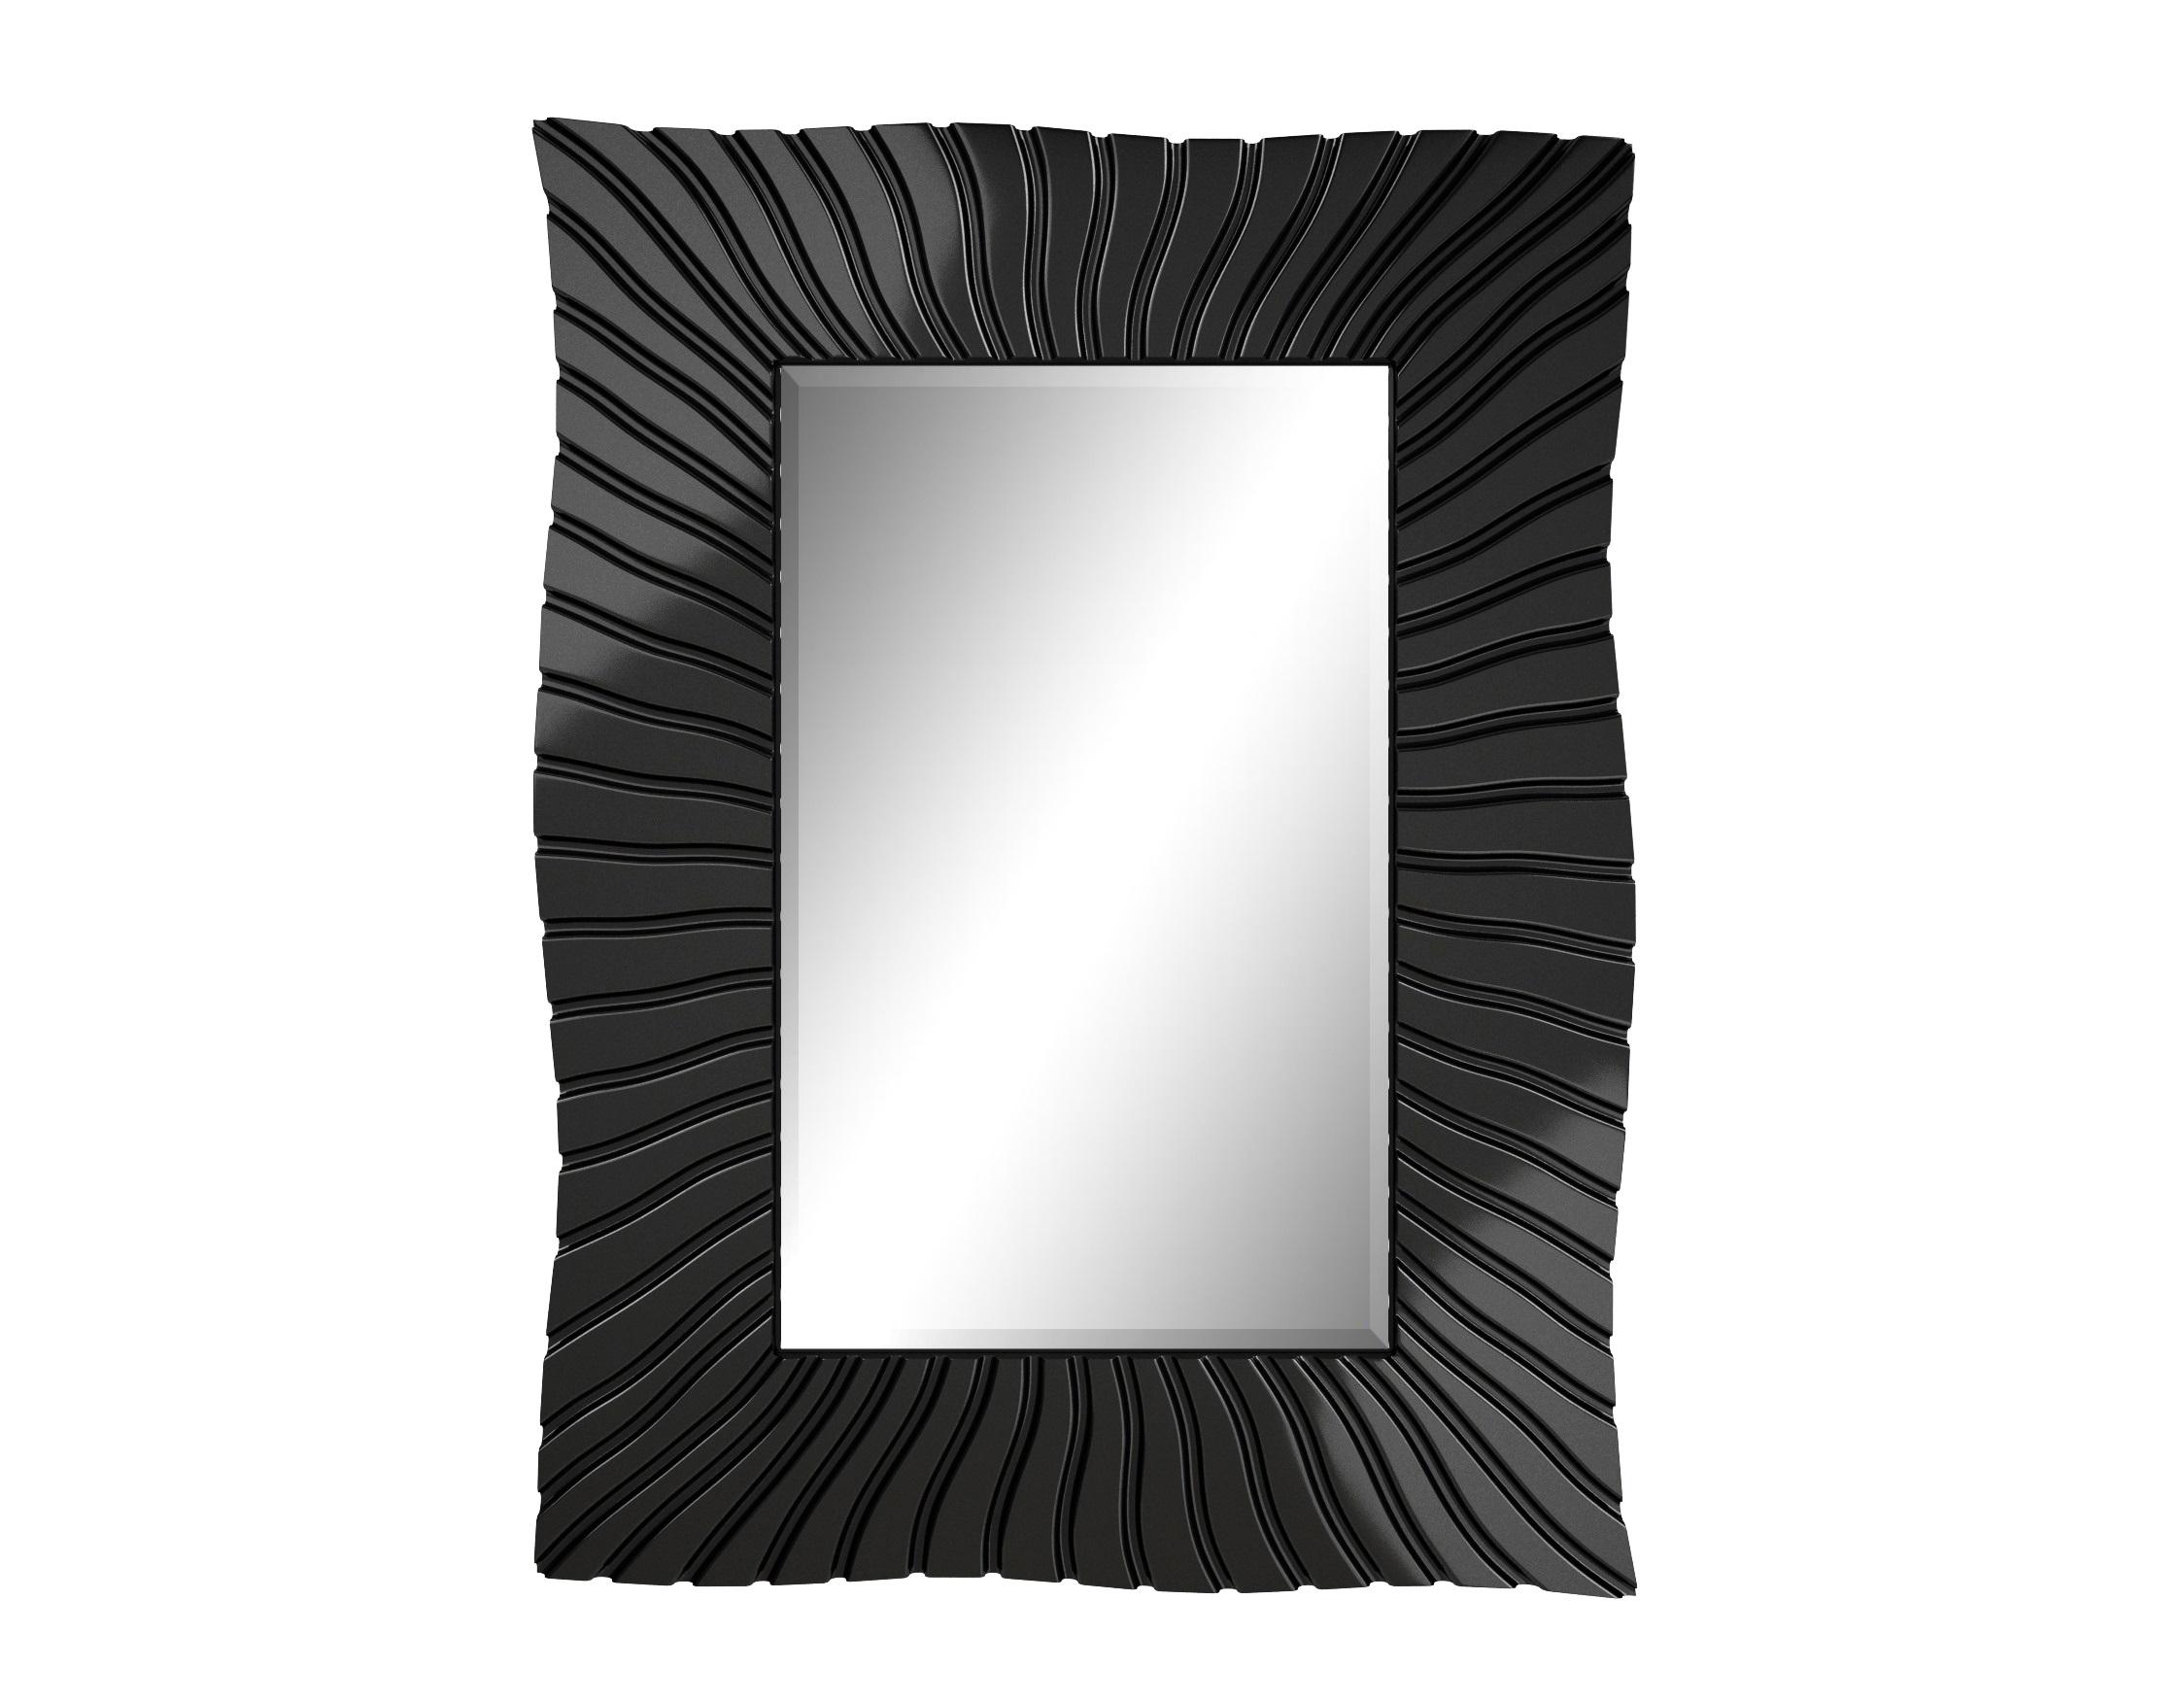 Зеркало Ambicioni 15439635 от thefurnish